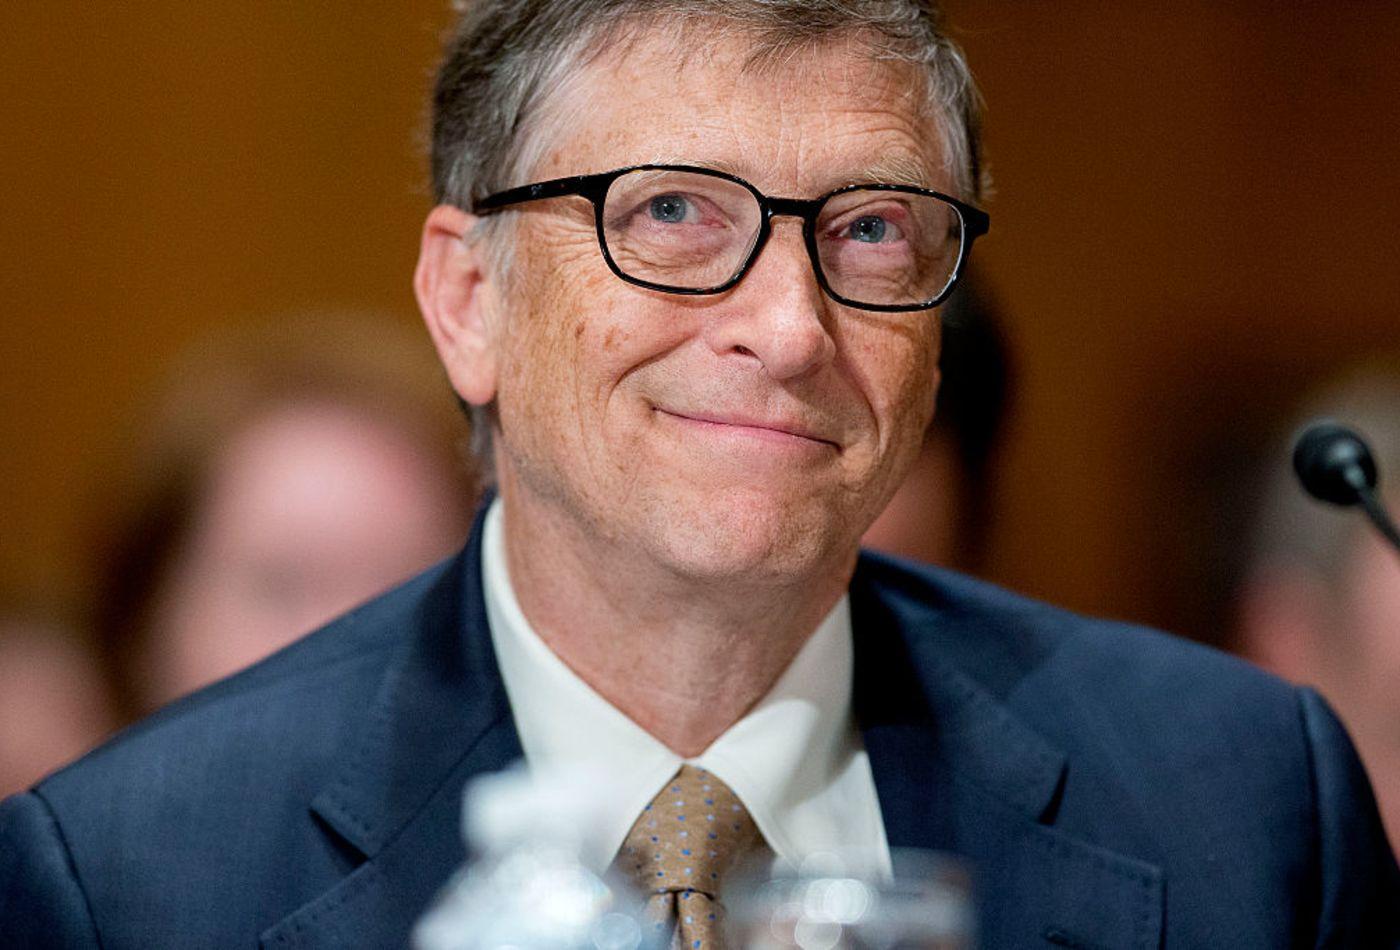 Bill Gates: Bạn chắc chắn sẽ thành công nếu làm theo cách đơn giản này - 1